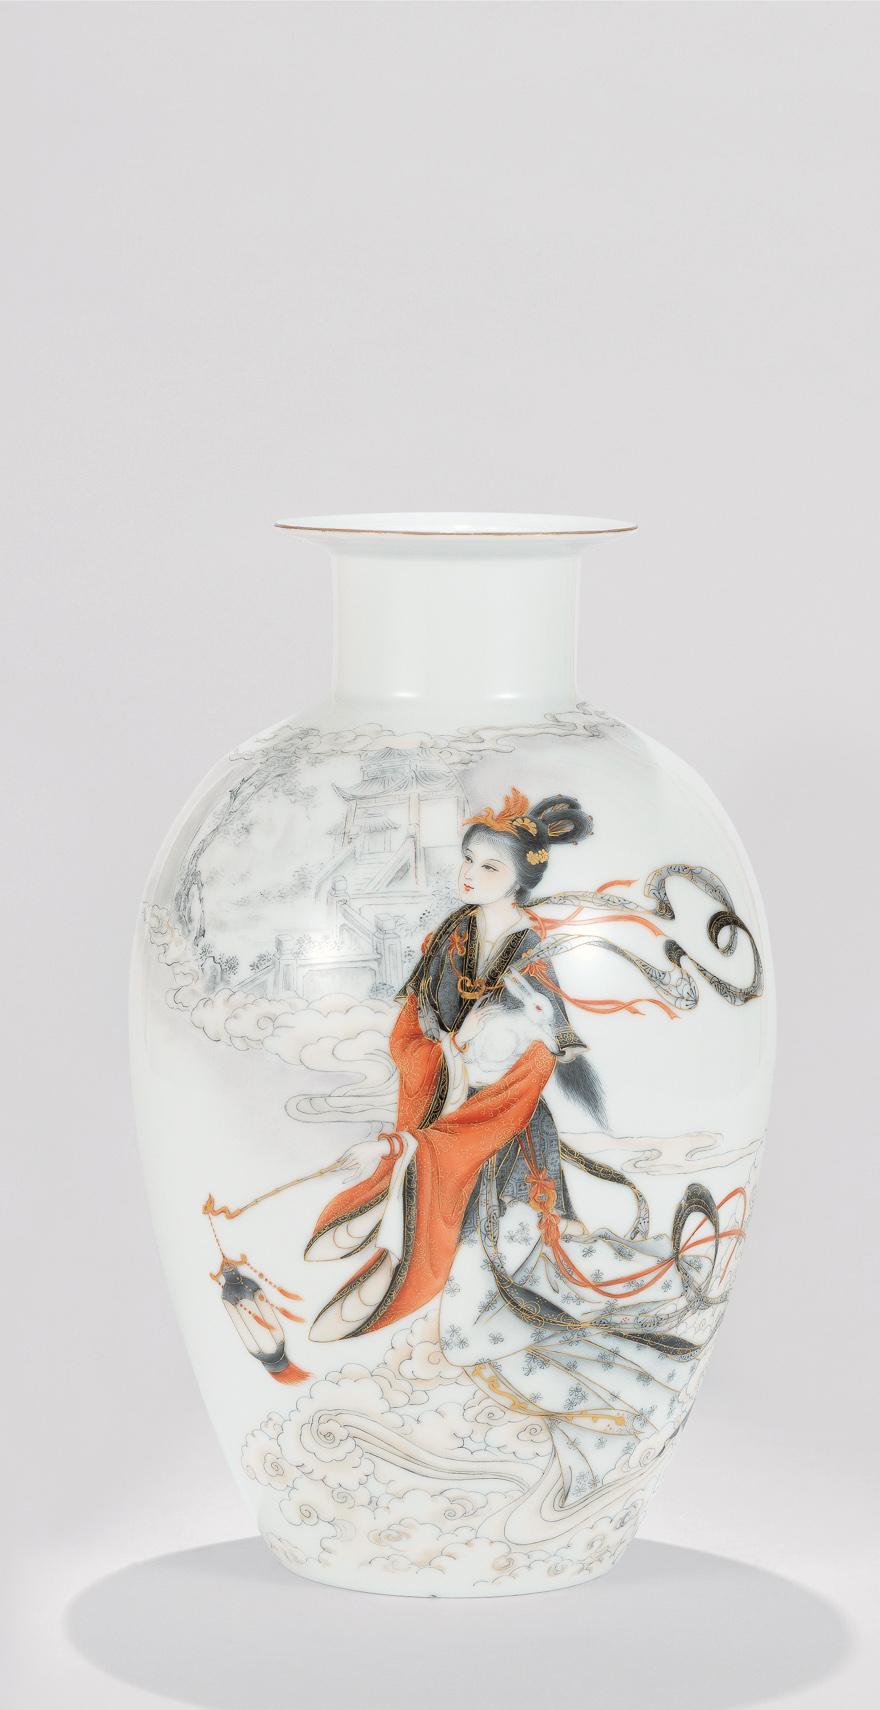 墨彩描金「嫦娥奔月」瓷瓶